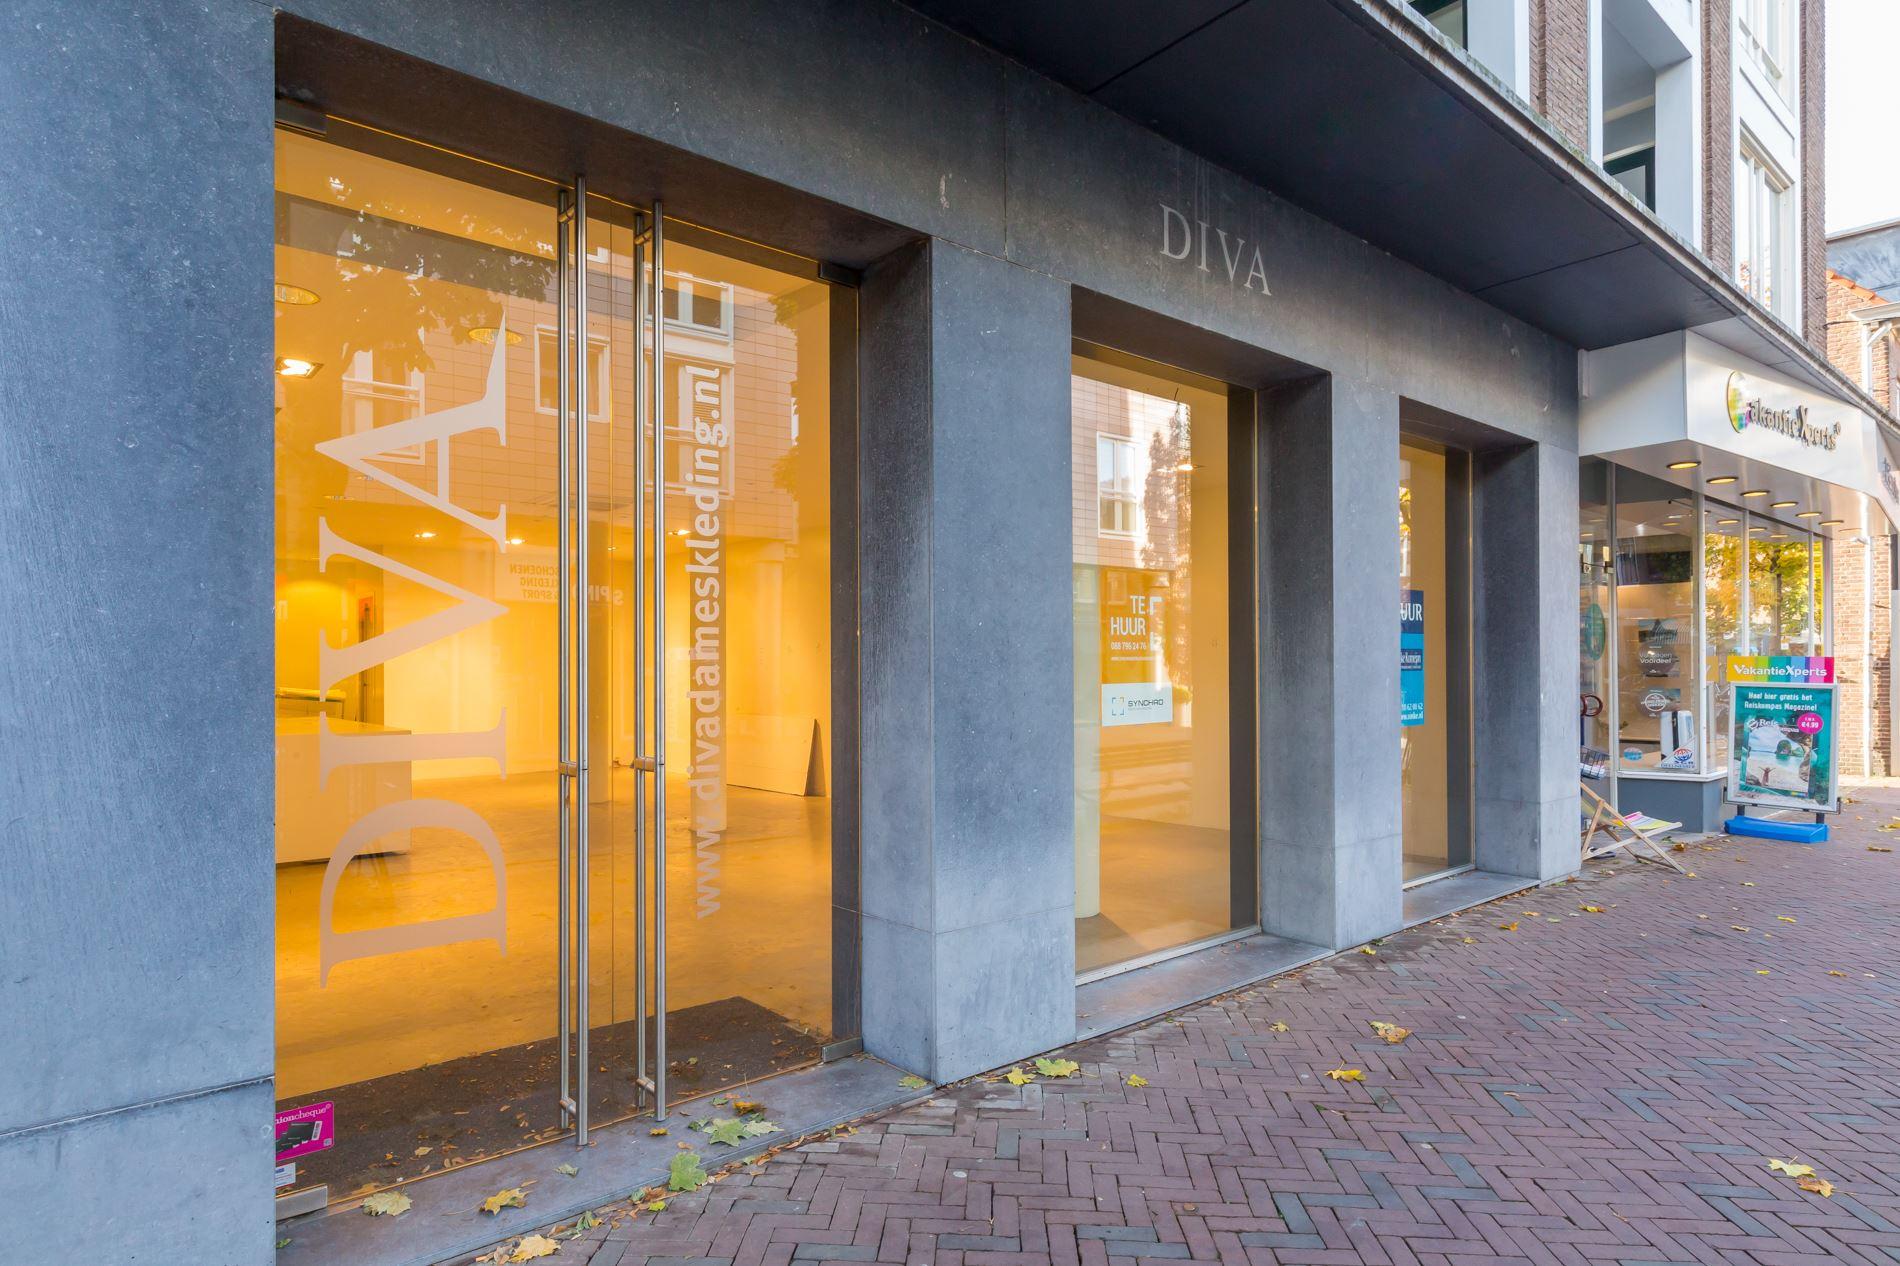 Kelder Van Rasmus : Winkel middelburg zoek winkels te huur: segeersstraat 26 4331 jp